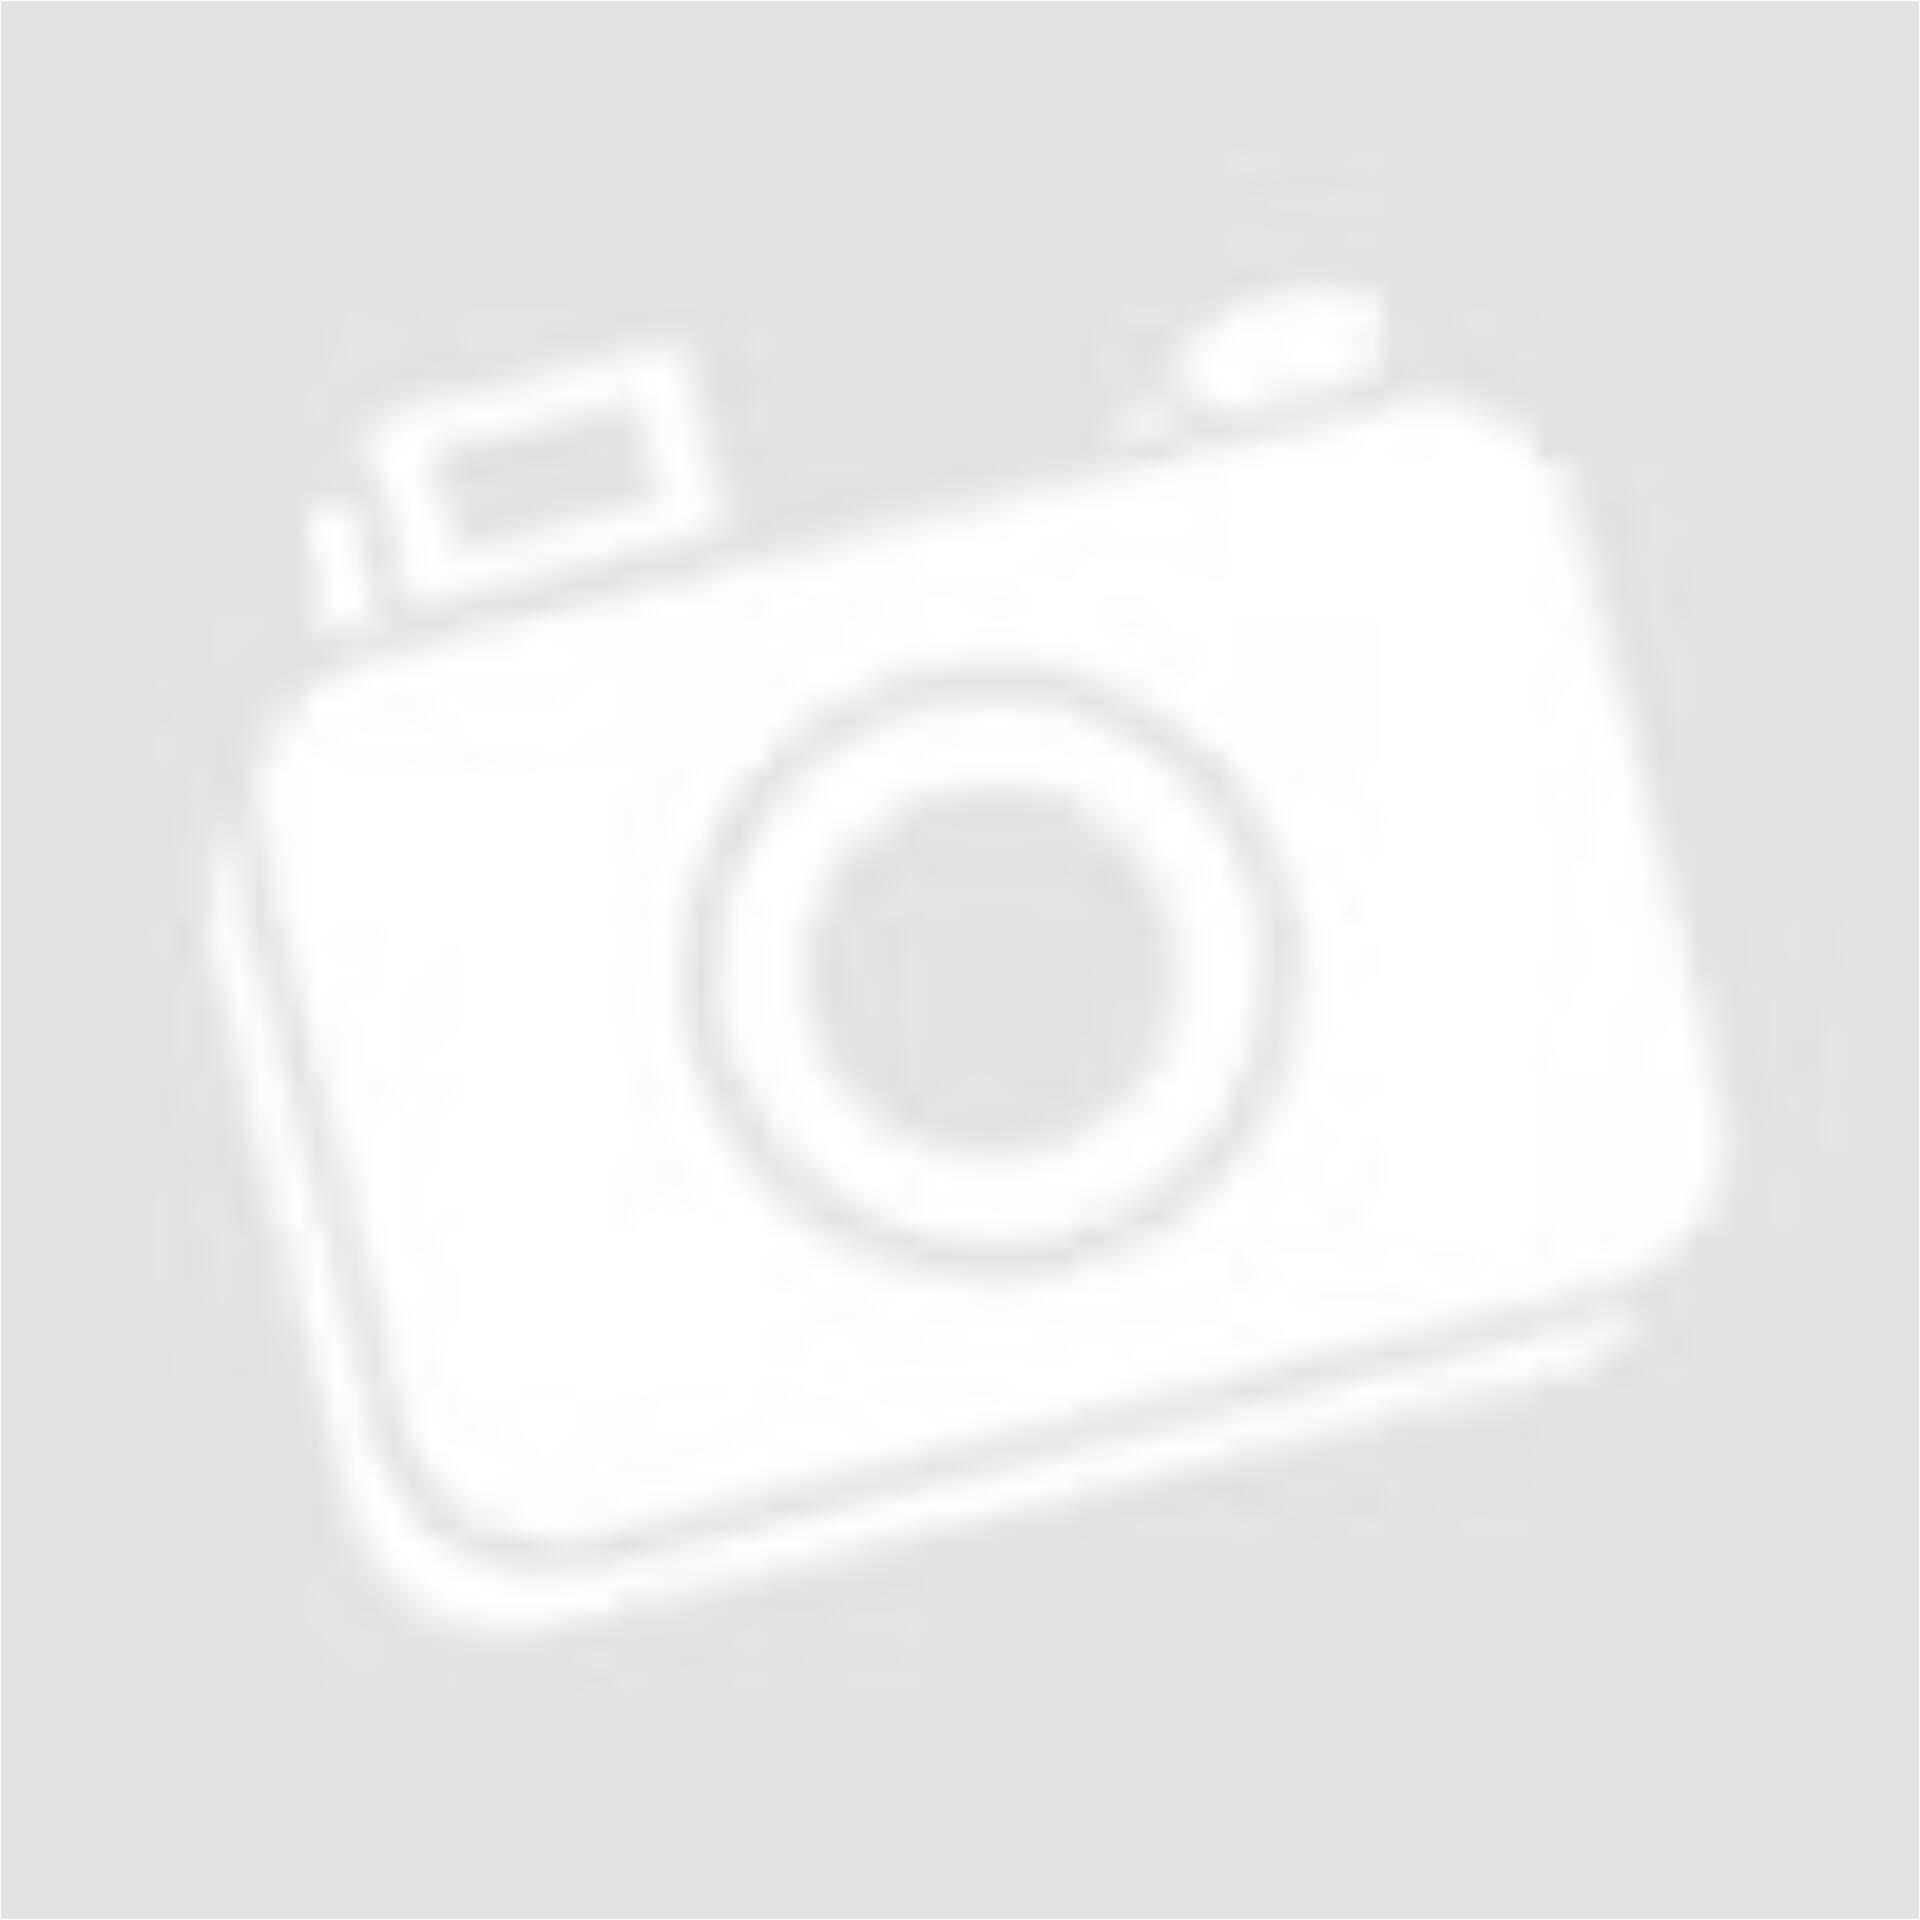 Kép 1 4 - GAP kék színű kapucnis férfi téli kabát (Méret  M) fd5fdf8c53